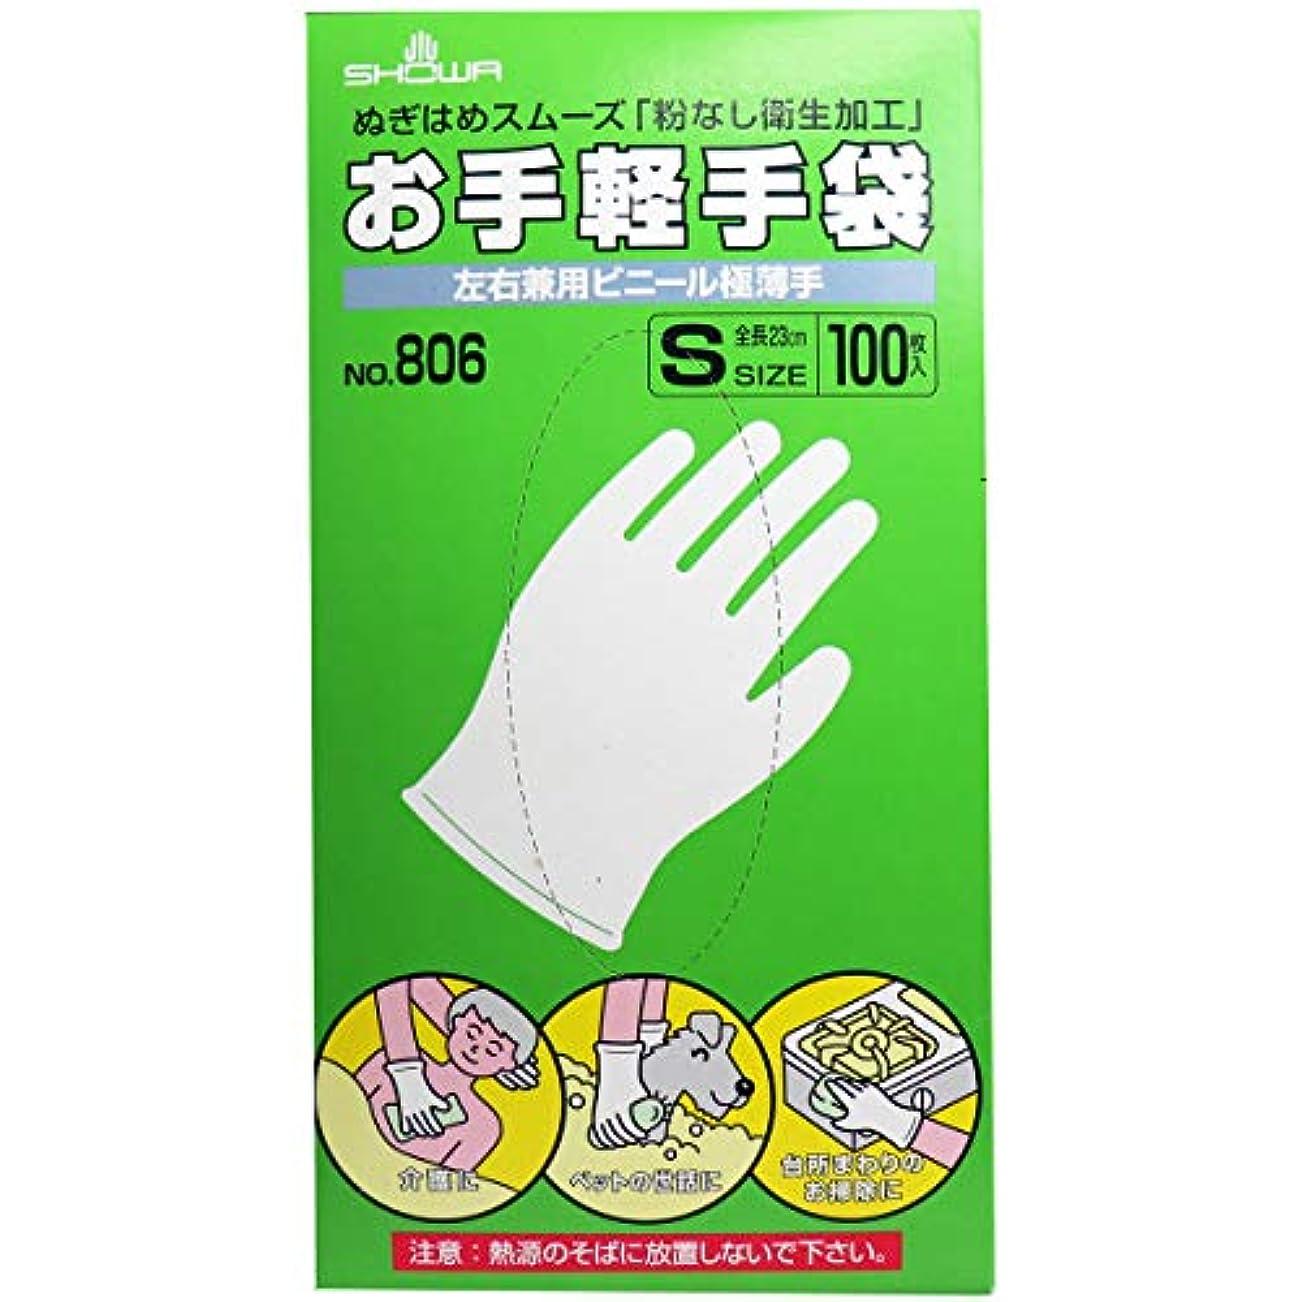 マイクロ敬意を表して知覚するお手軽手袋 No.806 左右兼用ビニール極薄手 粉なし Sサイズ 100枚入×5個セット